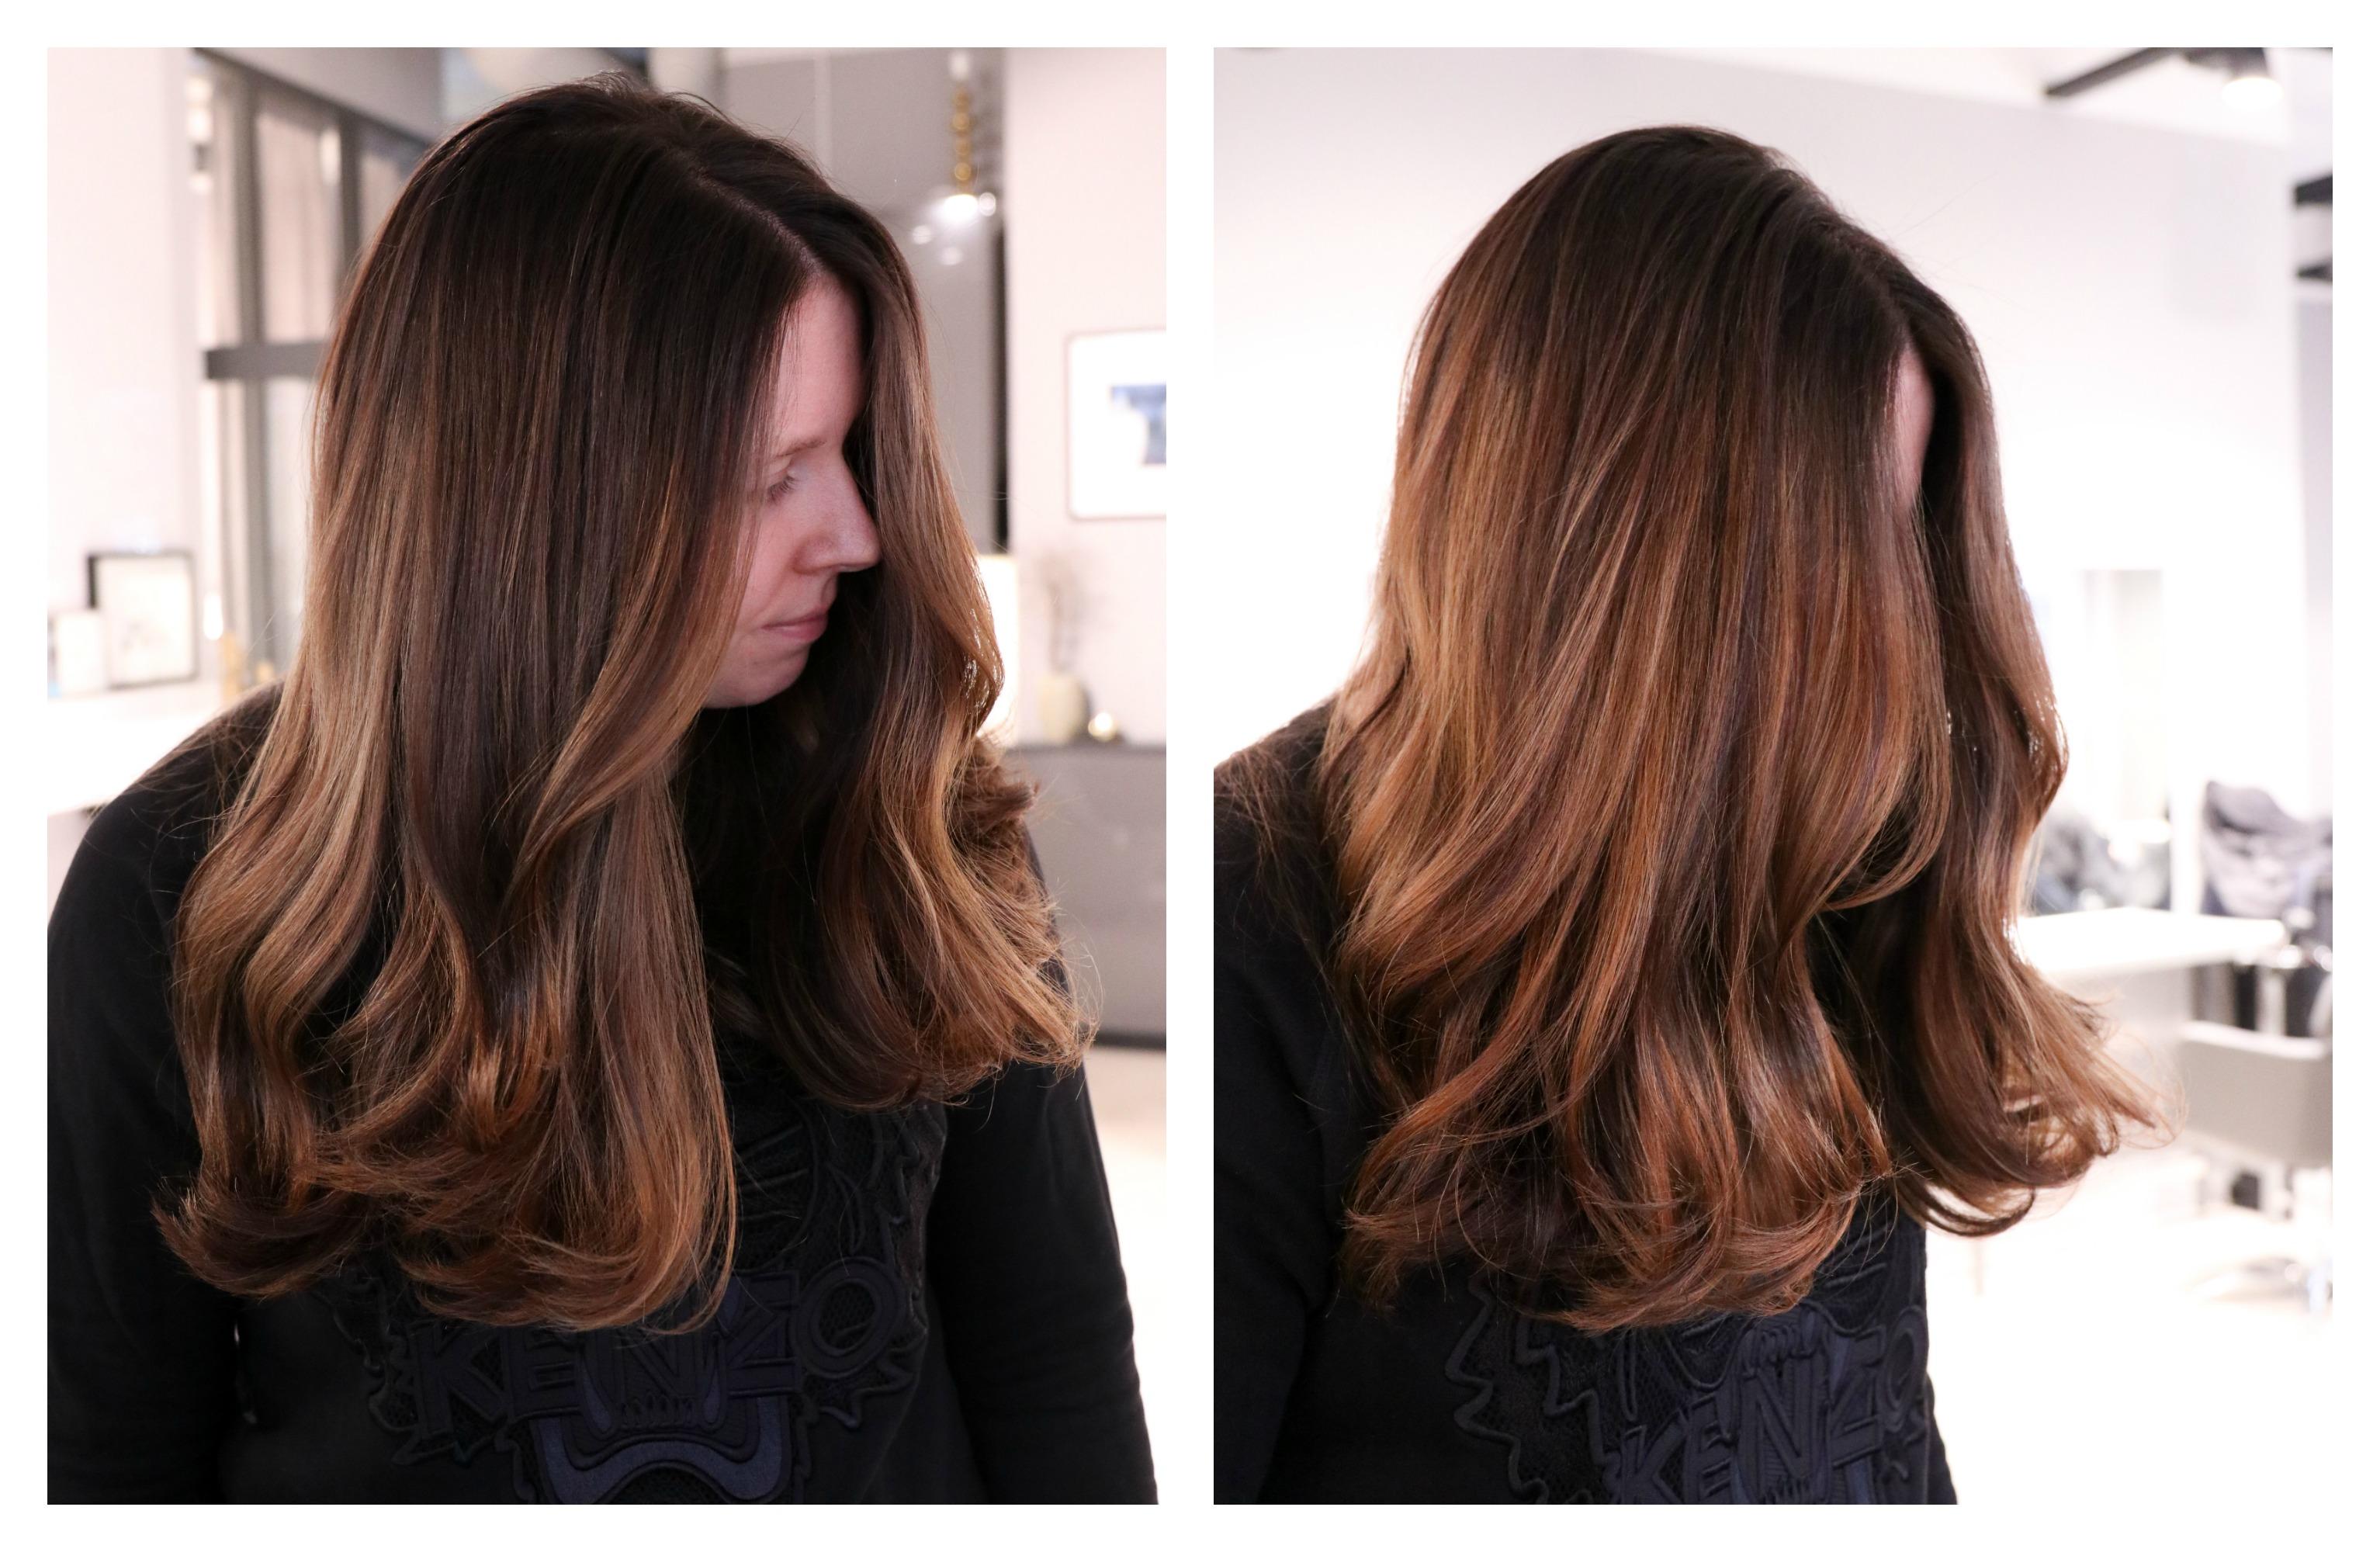 bruna nyanser hårfärg